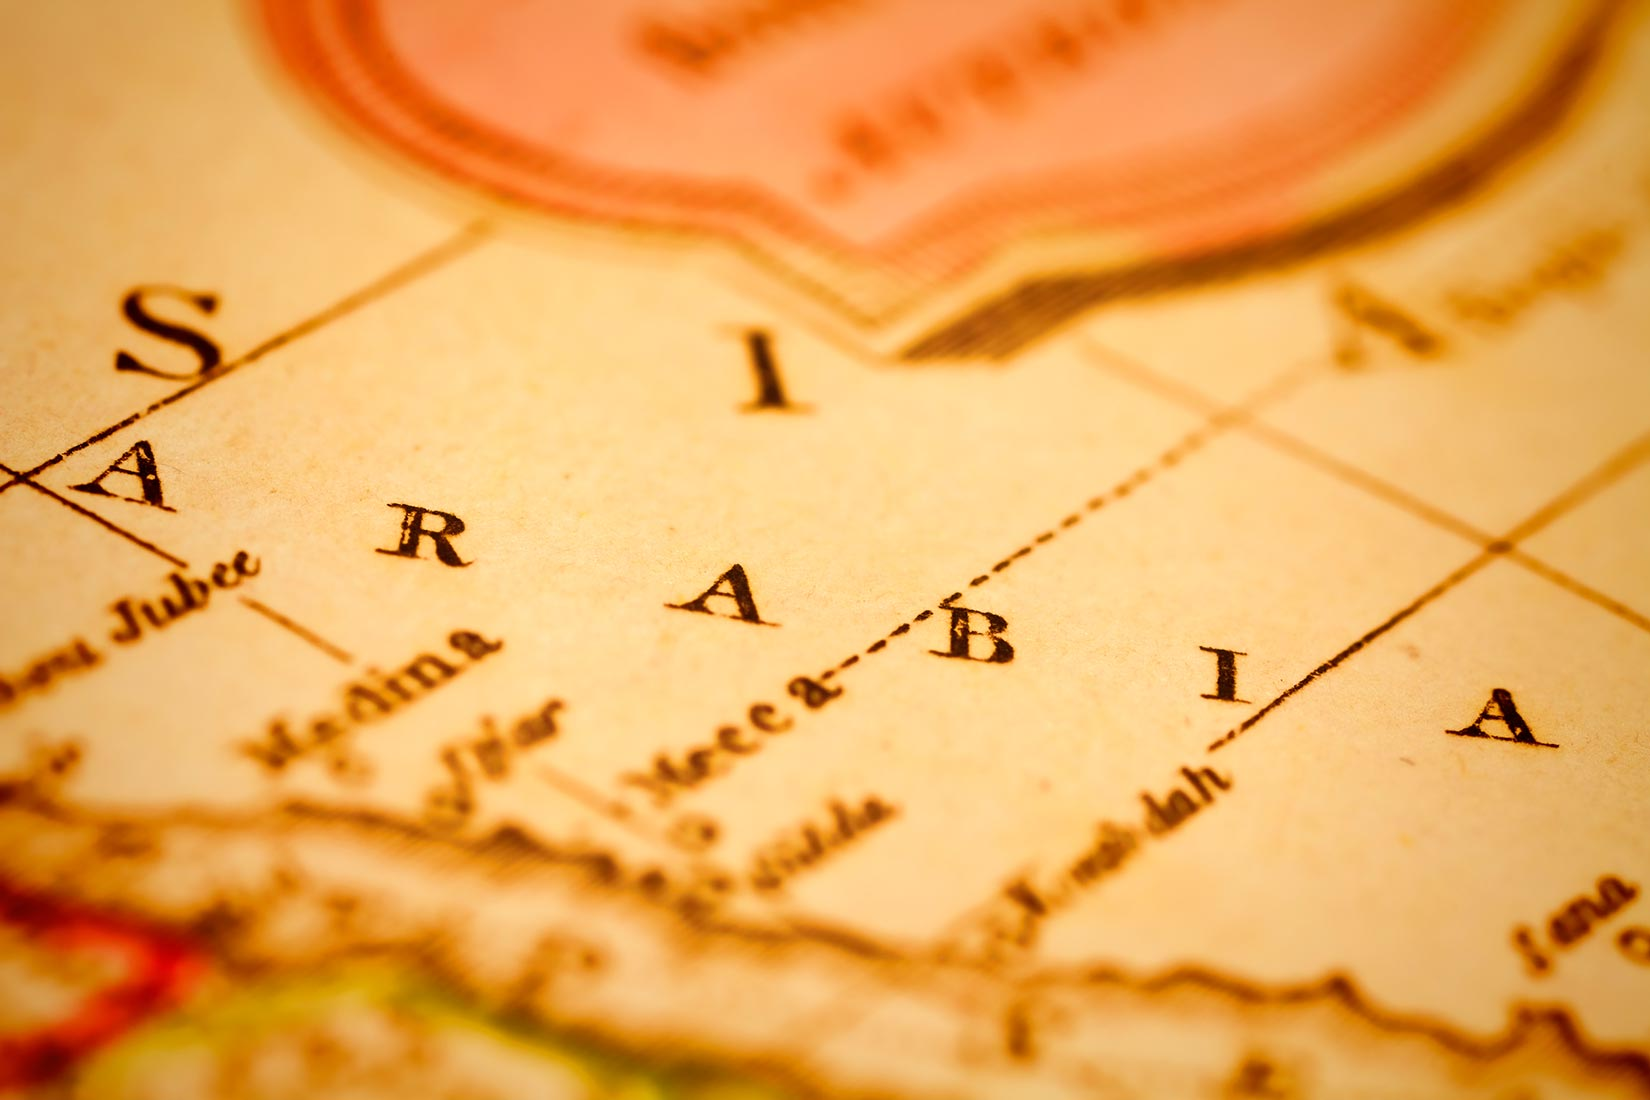 イランと湾岸アラブ諸国の対立―歴史的亀裂から考える緊張緩和の可能性